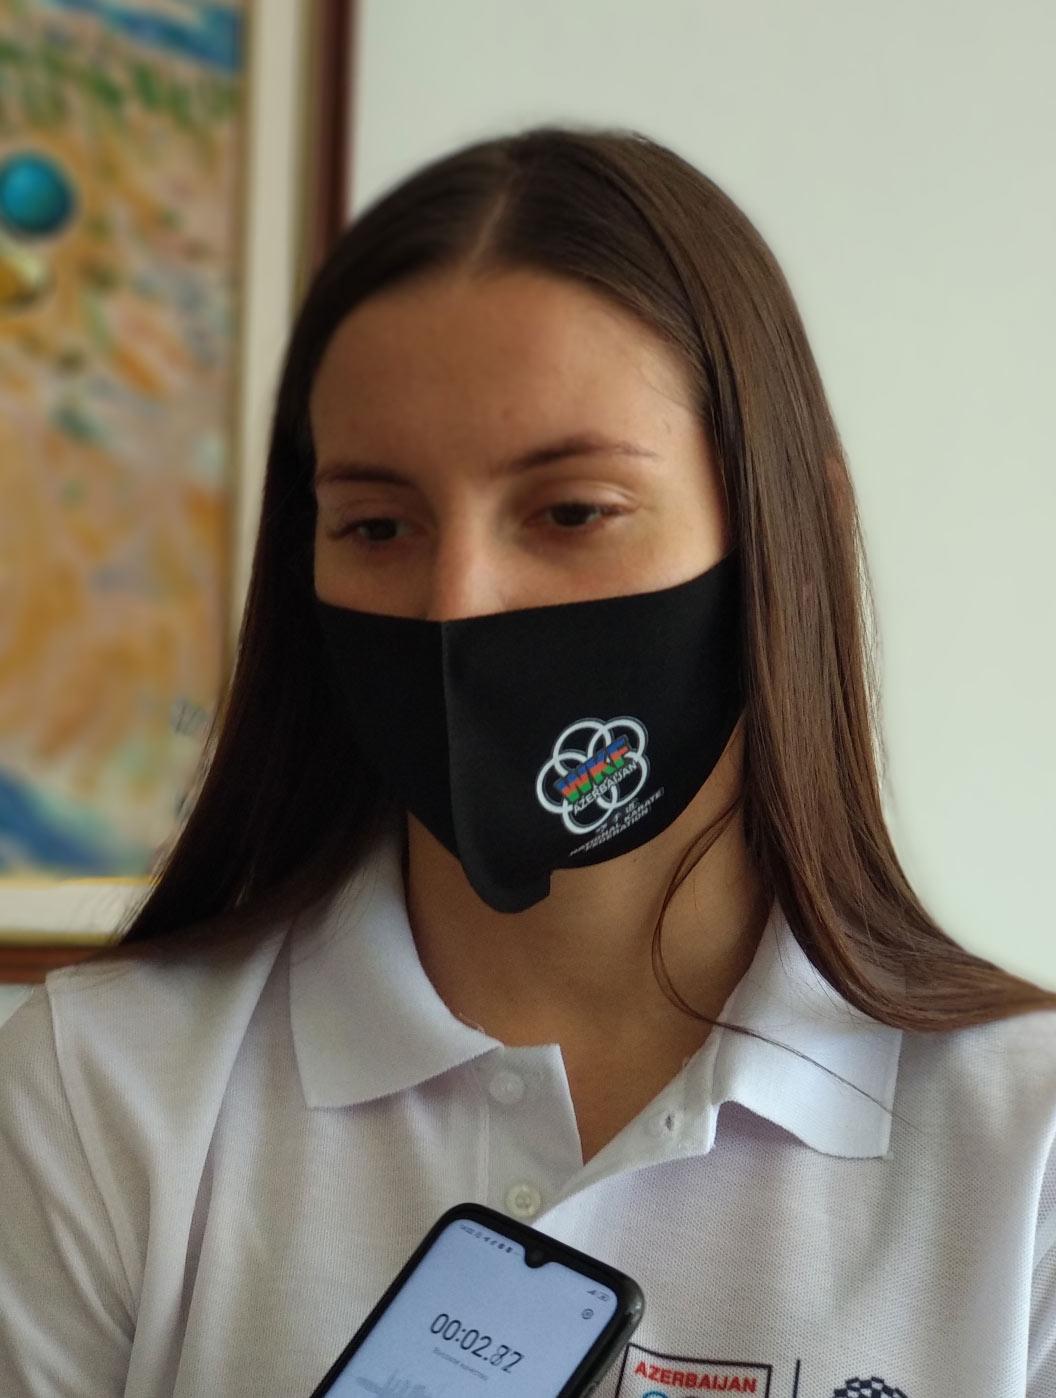 İrina Zaretska: «Mən sizin mənə bəslədiyiniz etimadı doğrultmağa çalışacağam»